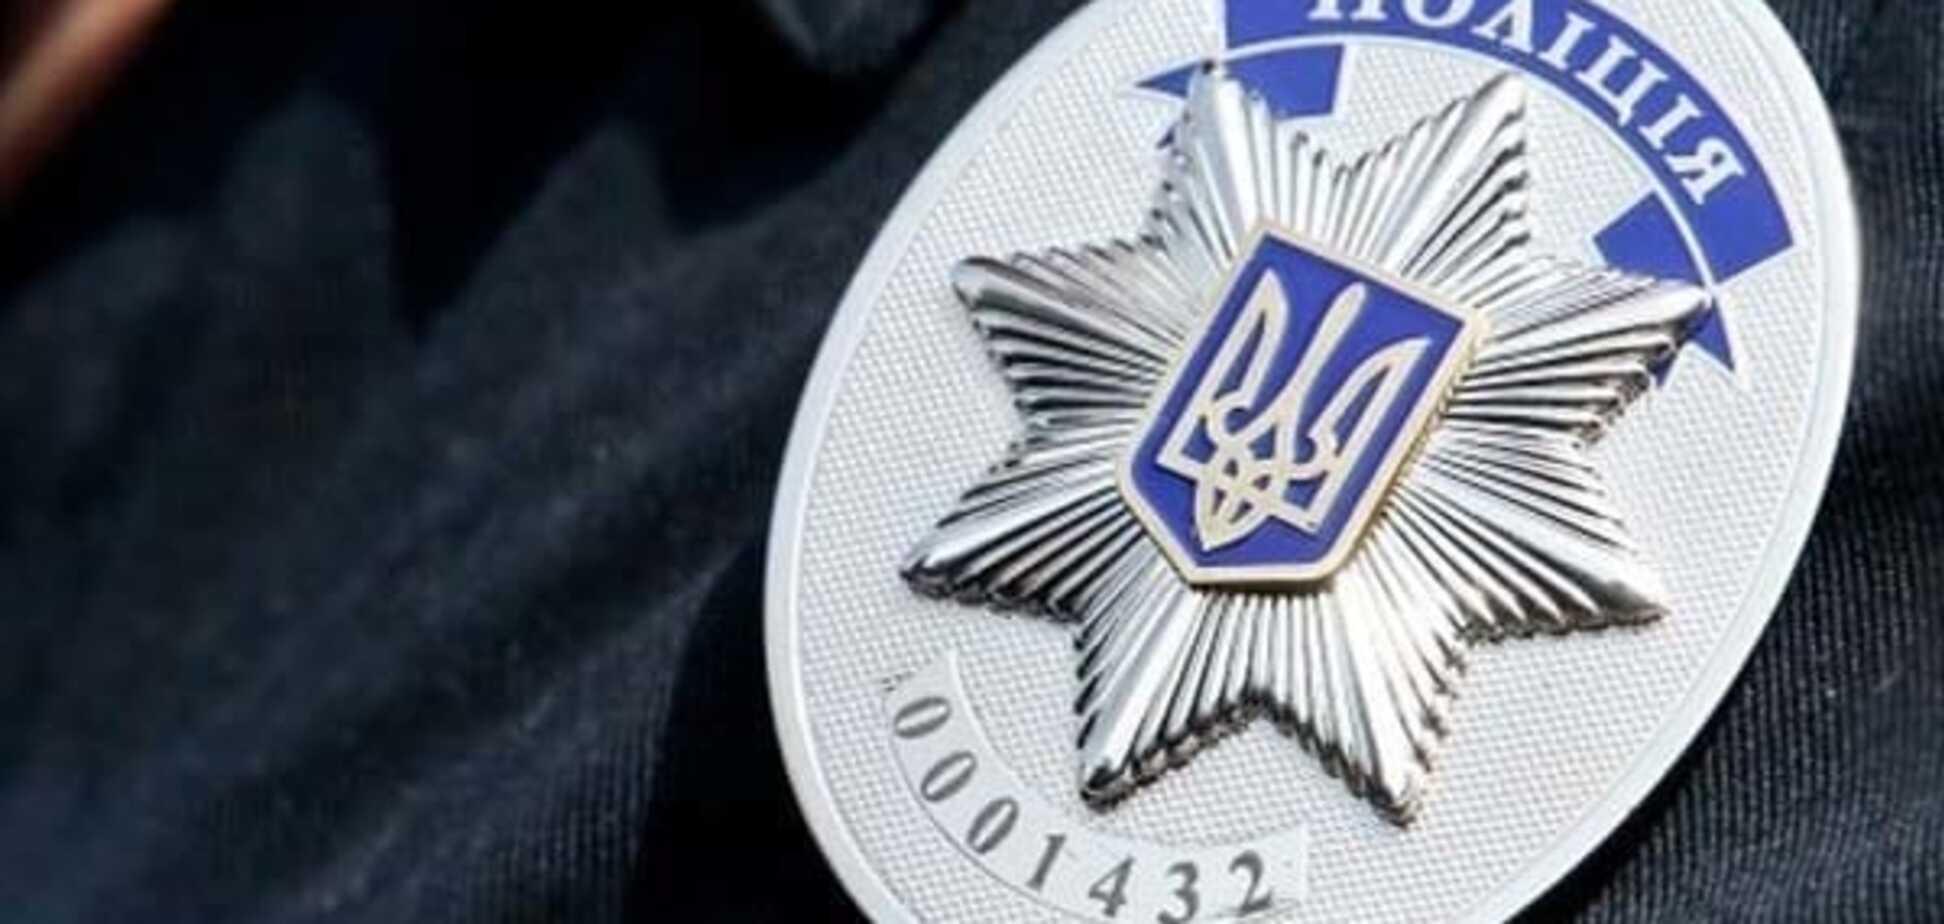 Бережіть прикраси: в Києві стали частіше нападати на перехожих